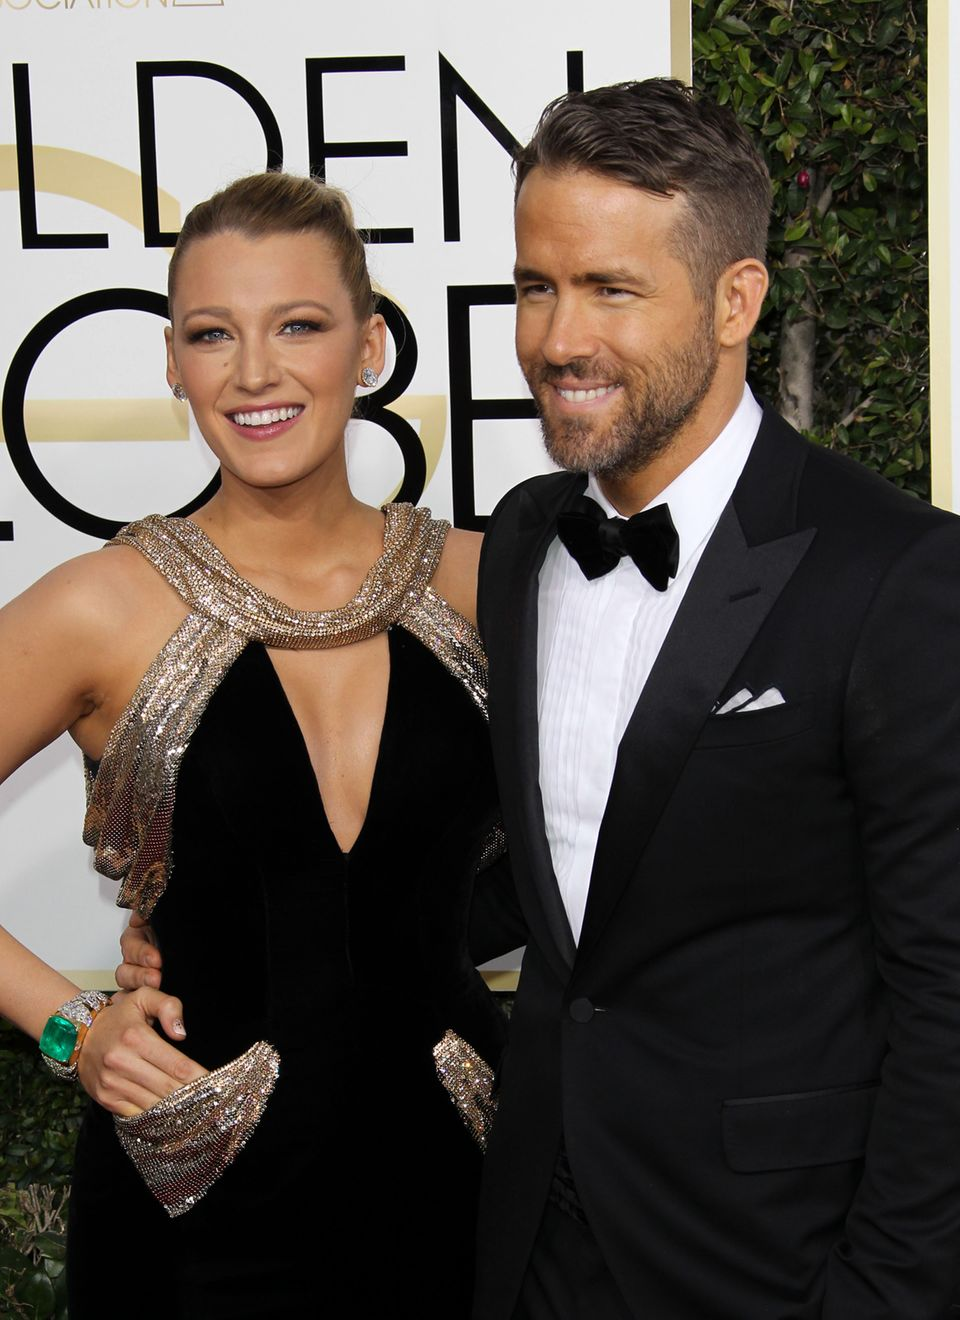 Bei den Golden Globes ließ Ryan Reynolds alle andern blass aussehen! Der Ehemann von Blake Lively scheint es mit dem Sprayteint nämlich ein wenig übetrieben zu haben. Im Netz kassierte der Schauspieler dafür jetzt den ein oder anderen gemeinen Kommentar.